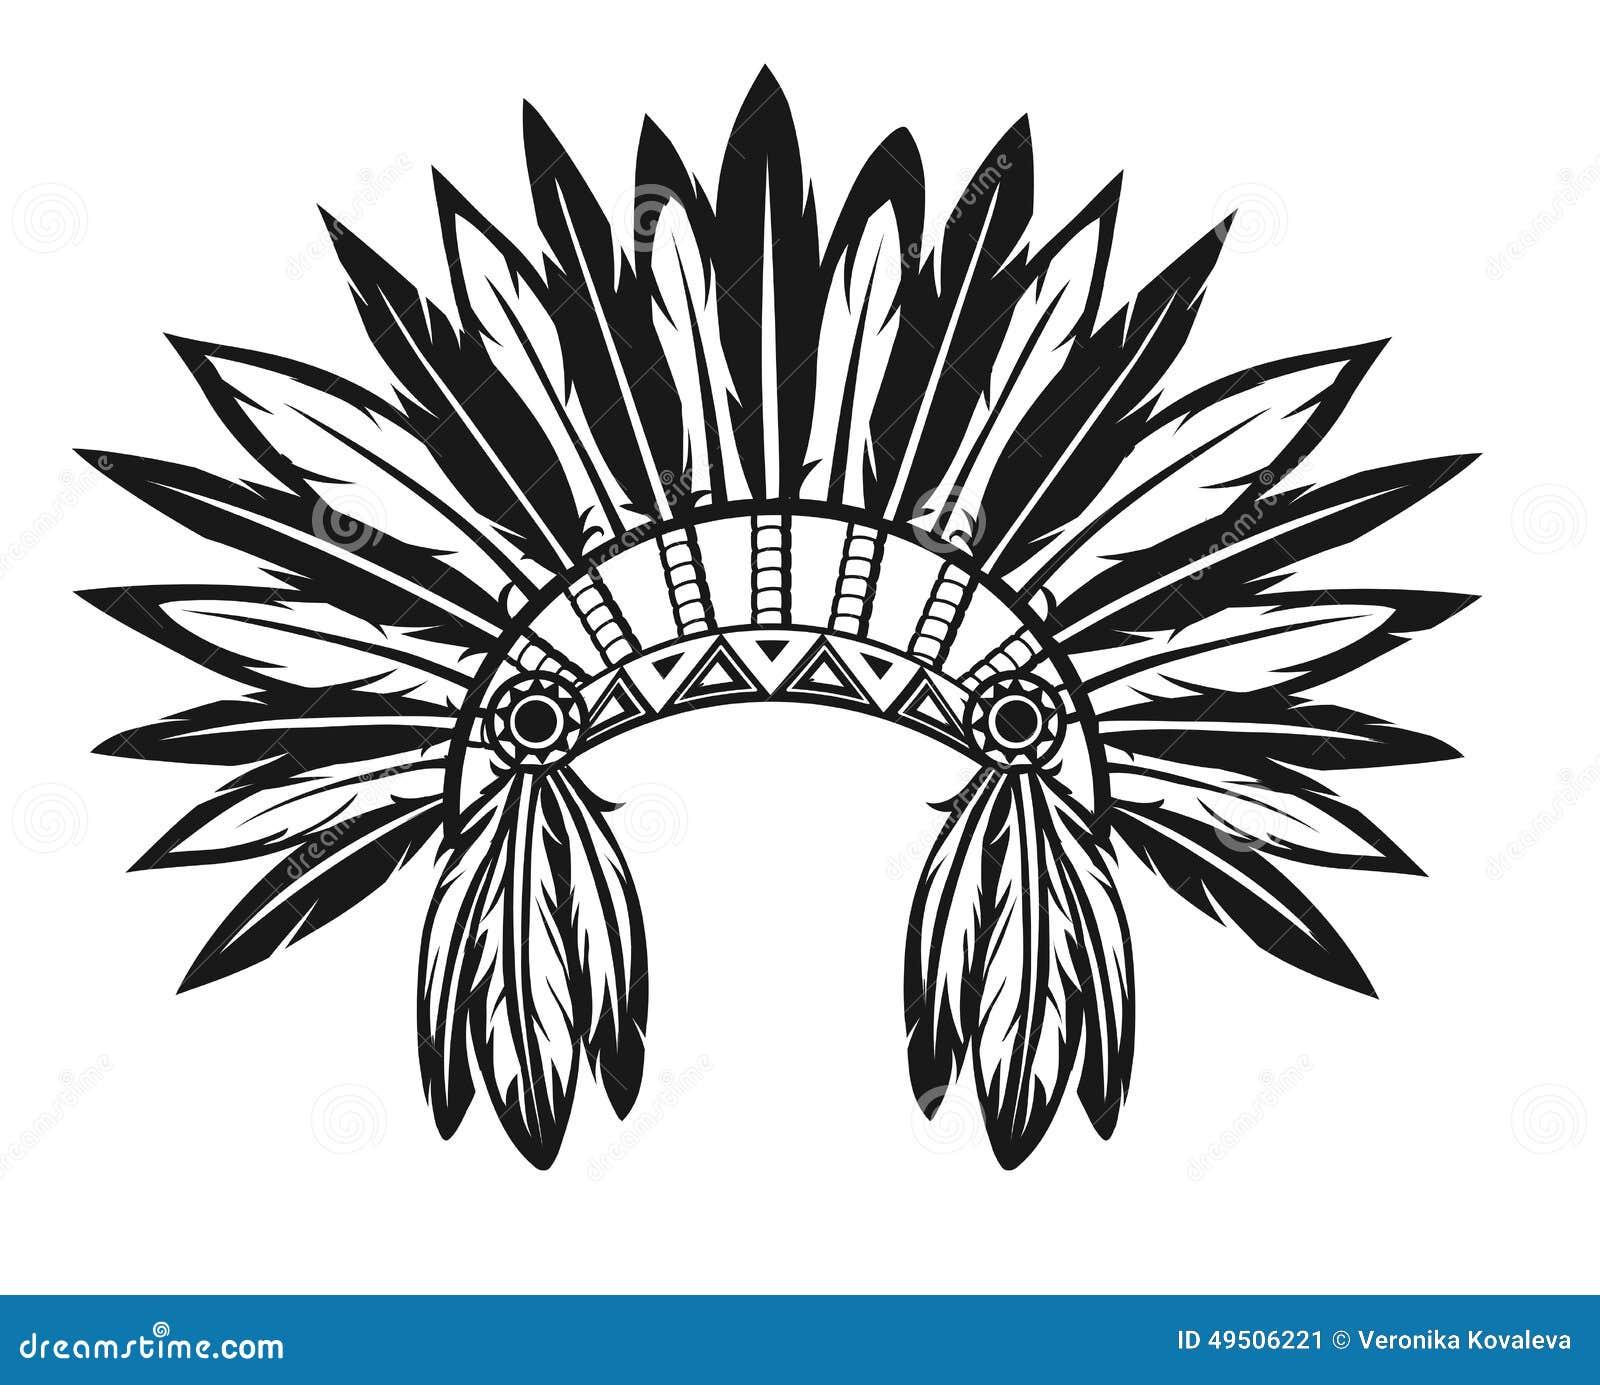 Tocado indio ilustración del vector. Ilustración de mascota - 49506221